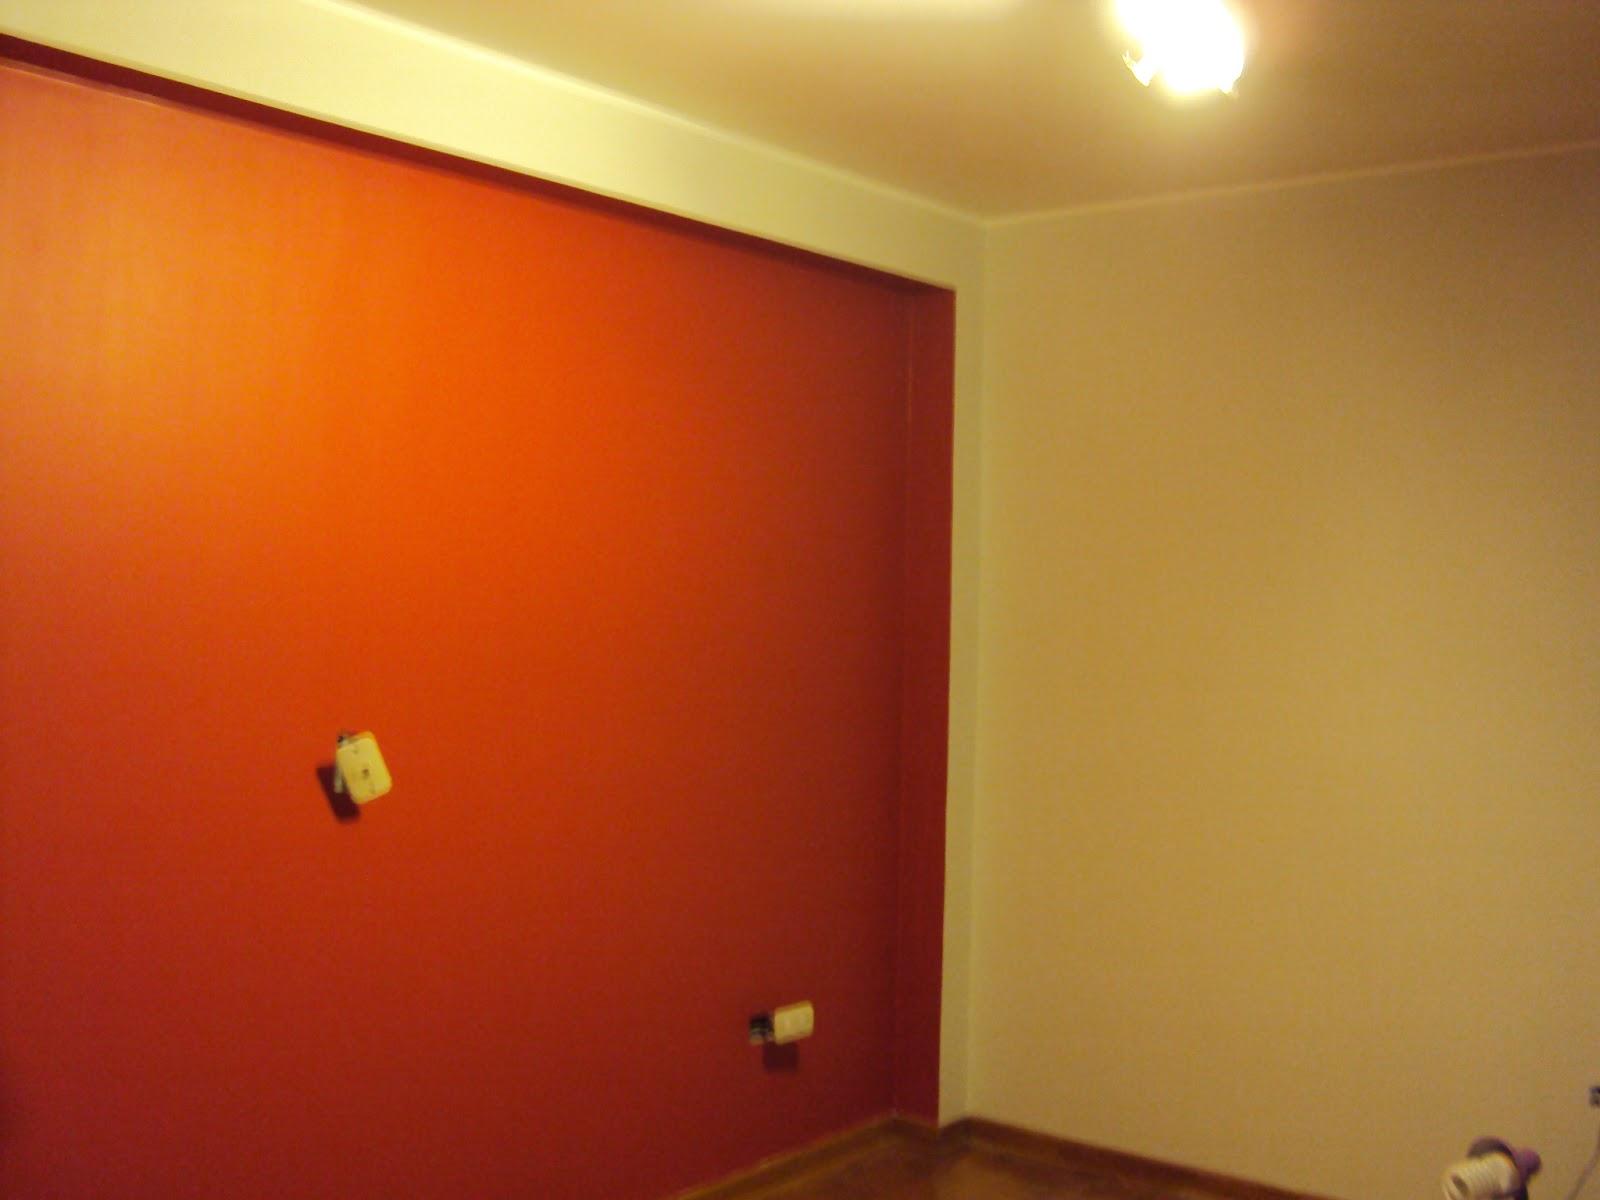 Pintandoelperu trabajo realizado por el rimac - Pared naranja combina con ...